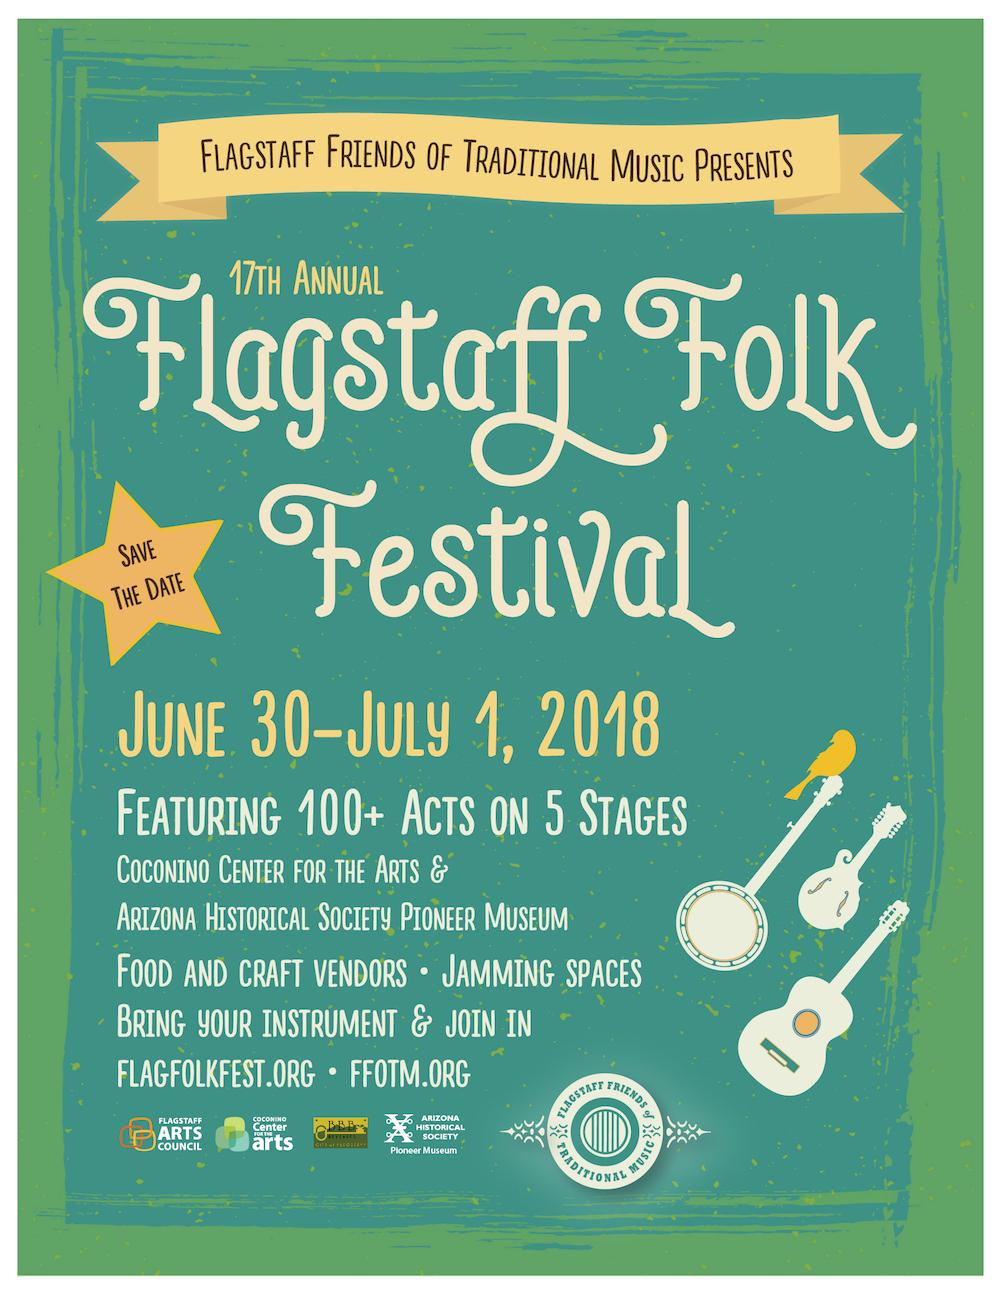 Flagstaff Folk Festival 2018